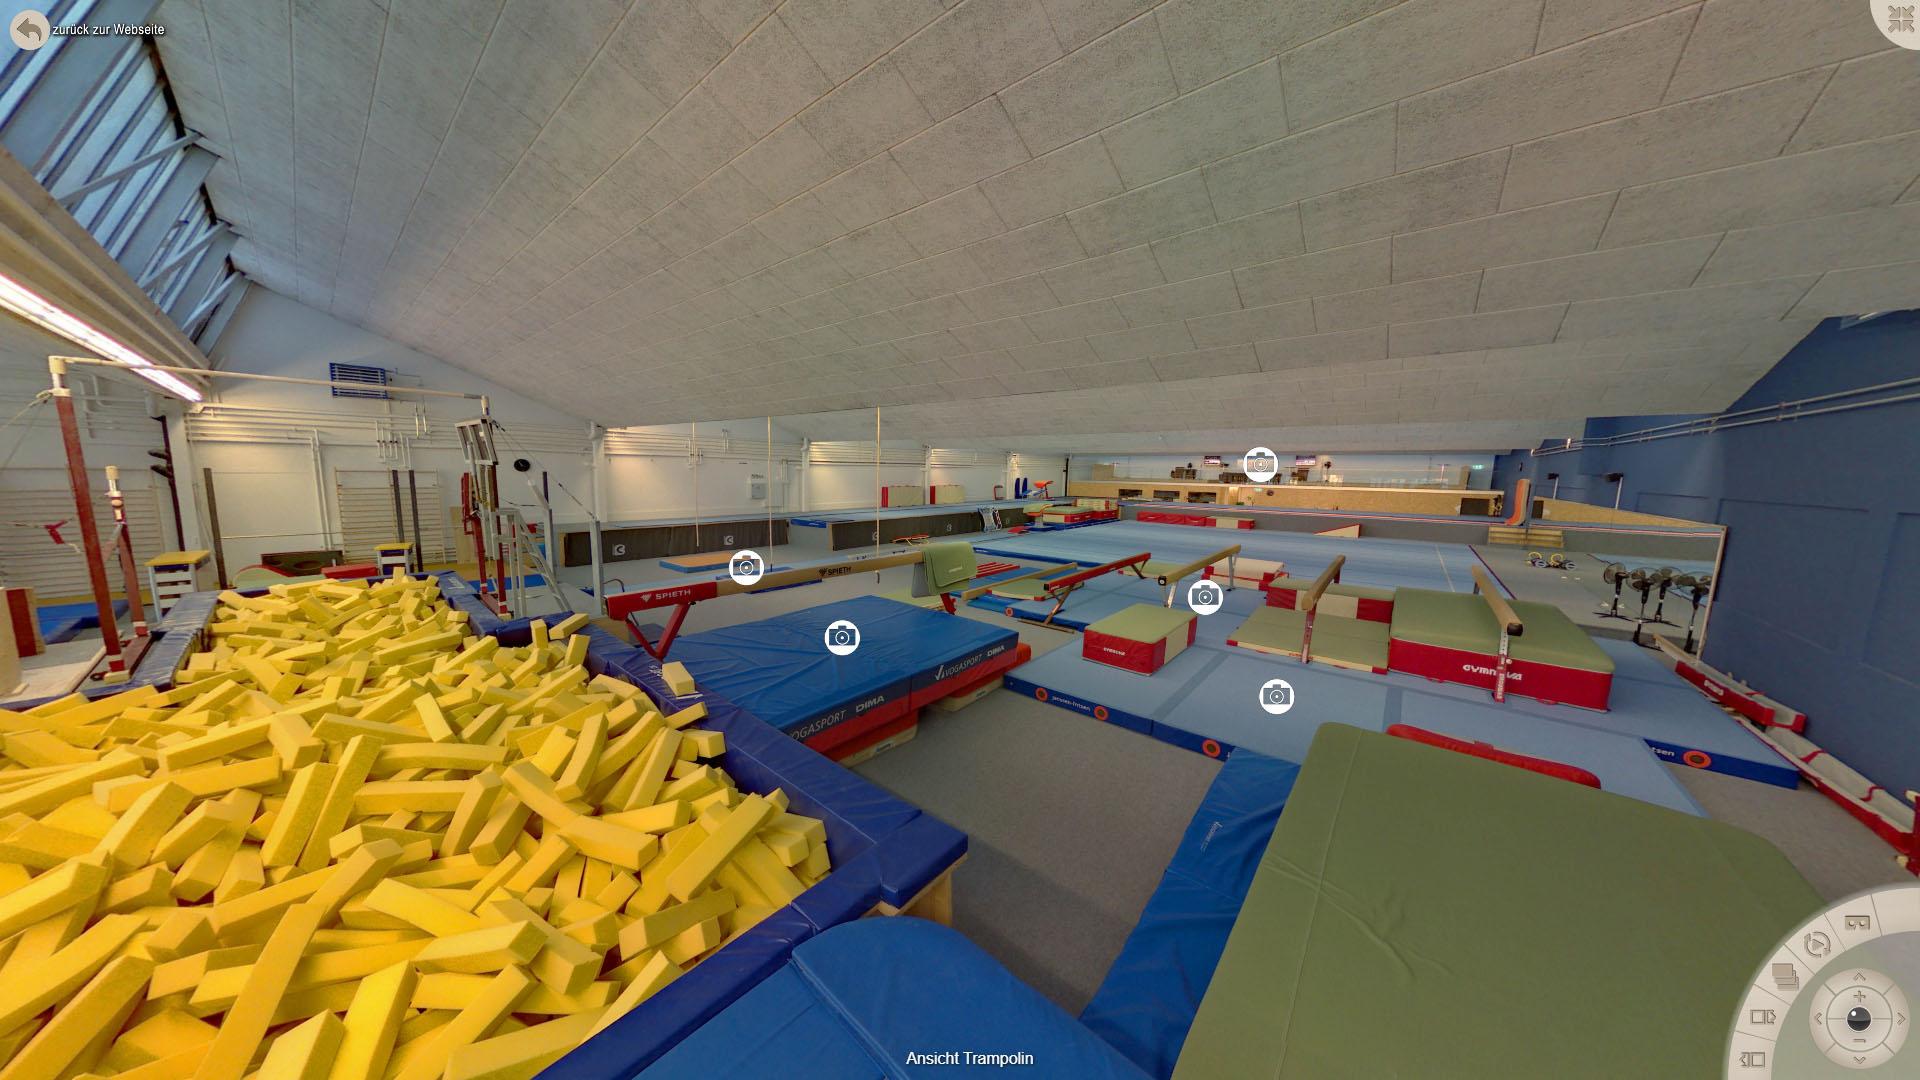 NFF Gymnastics Zuerich Ansicht Trampolin